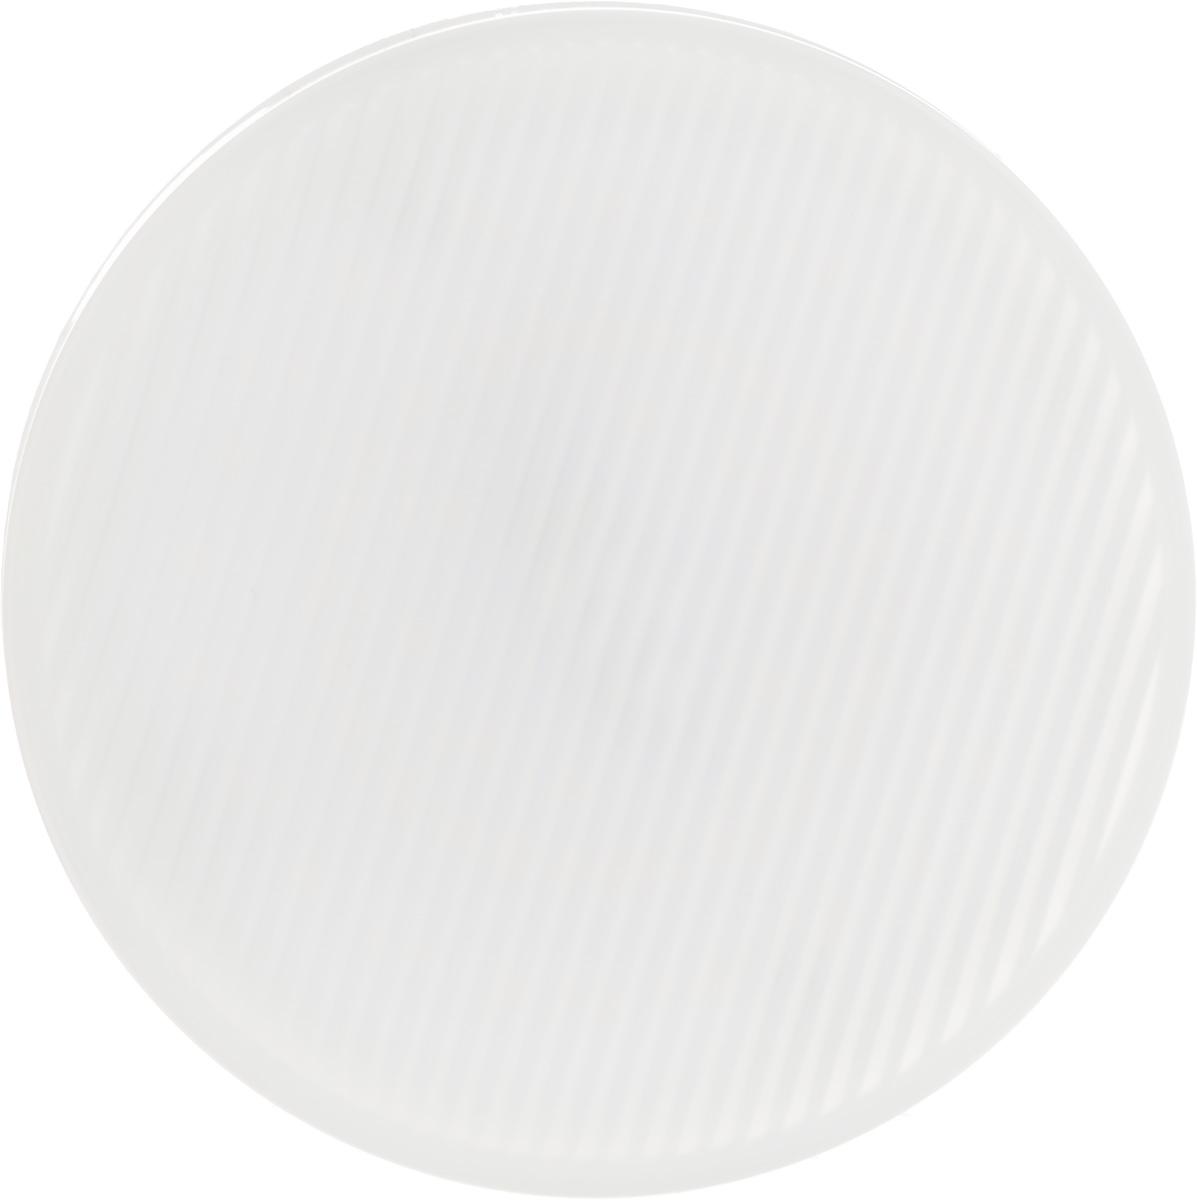 Лампа светодиодная Philips Essential LED, цоколь GX53, 5,5W, 2700KC0038550Современные светодиодные лампы Essential LED экономичны, имеют долгий срок службы и мгновенно загораются, заполняя комнату светом. Лампа классической формы и высокой яркости позволяет создать уютную и приятную обстановку в любой комнате вашего дома.Светодиодные лампы потребляют на 86 % меньше электроэнергии, чем обычные лампы накаливания, излучая при этом привычный и приятный теплый свет. Срок службы светодиодной лампы Essential LED составляет до 15 000 часов, что соответствует общему сроку службы пятнадцати ламп накаливания. Благодаря чему менять лампы приходится значительно реже, что сокращает количество отходов.Напряжение: 220-240 В. Световой поток: 500 lm.Эквивалент мощности в ваттах: 40 Вт.